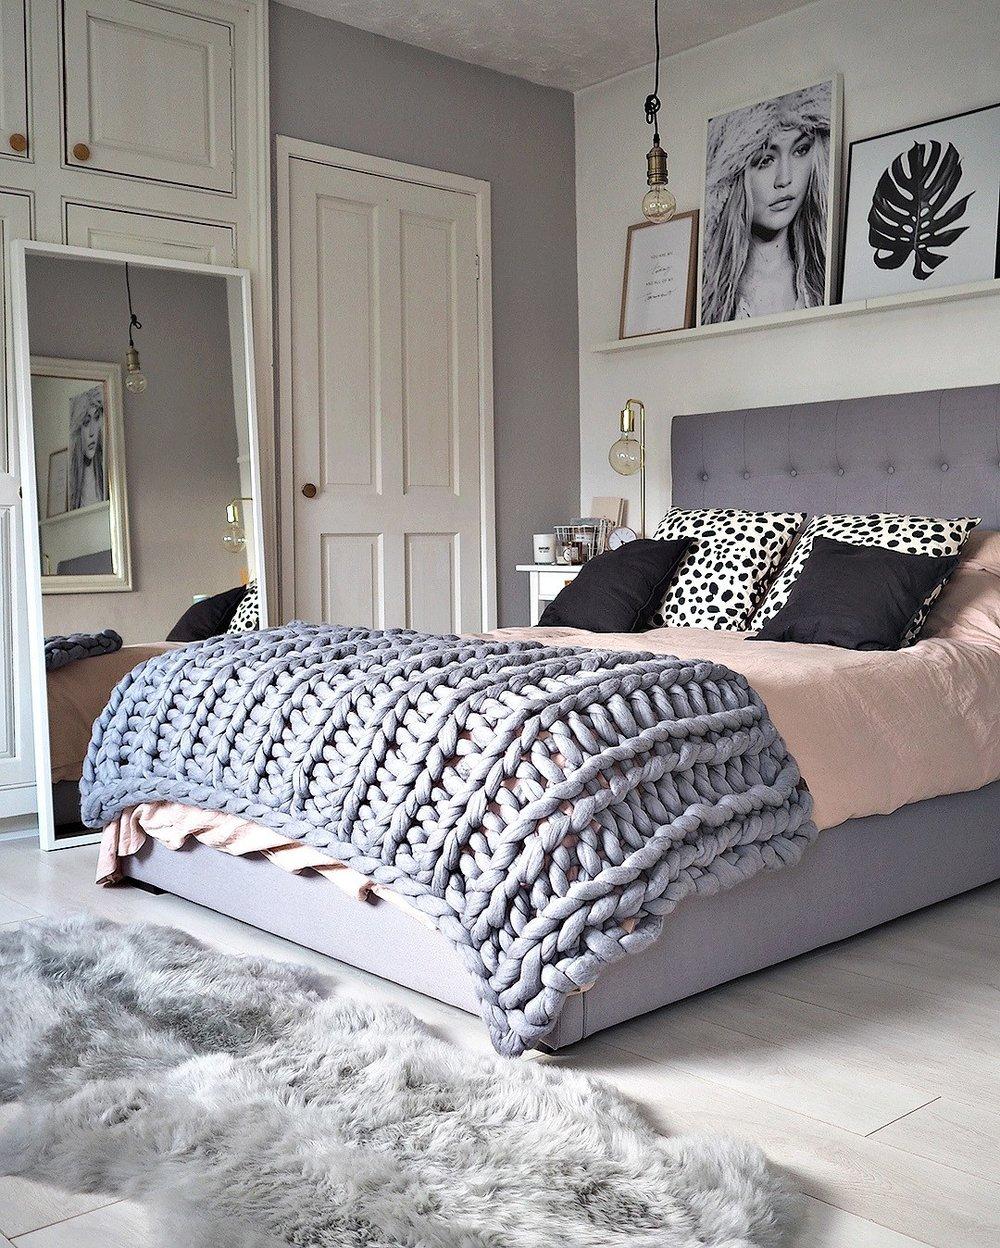 lustliving bed.jpg